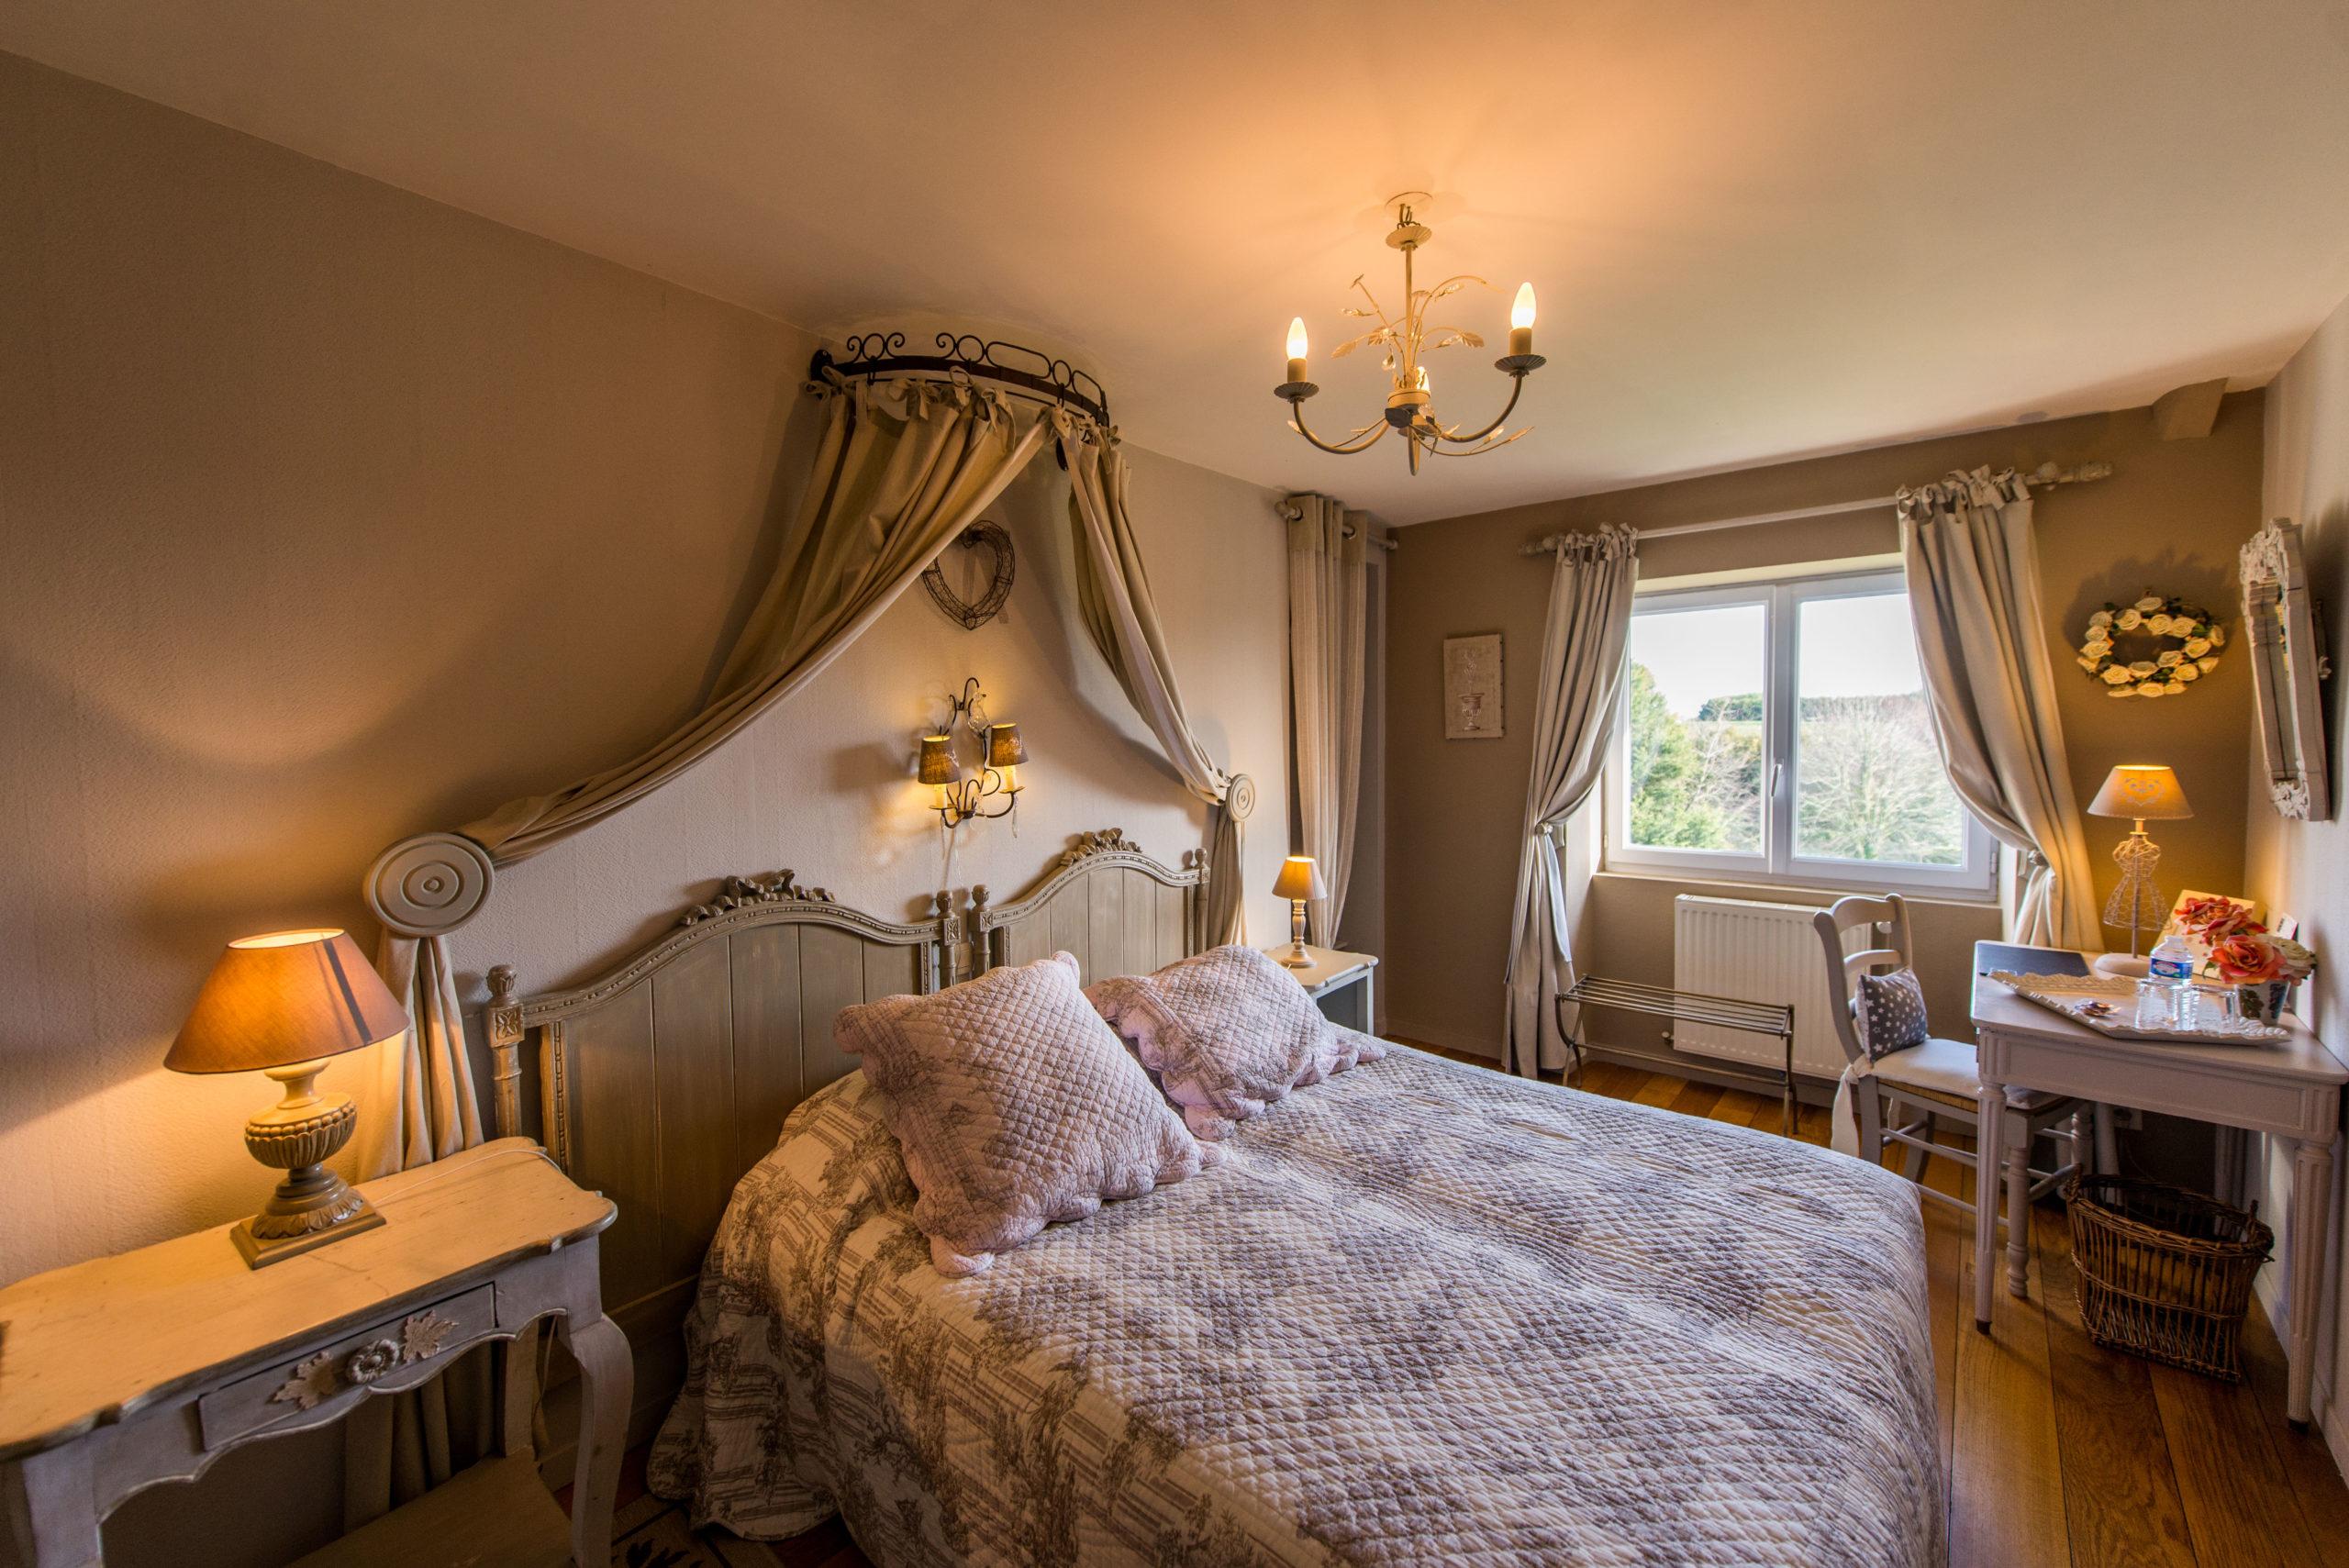 B&B-La-Barbinais-chambres-dhotes-saint-malo-cote-campange-lit